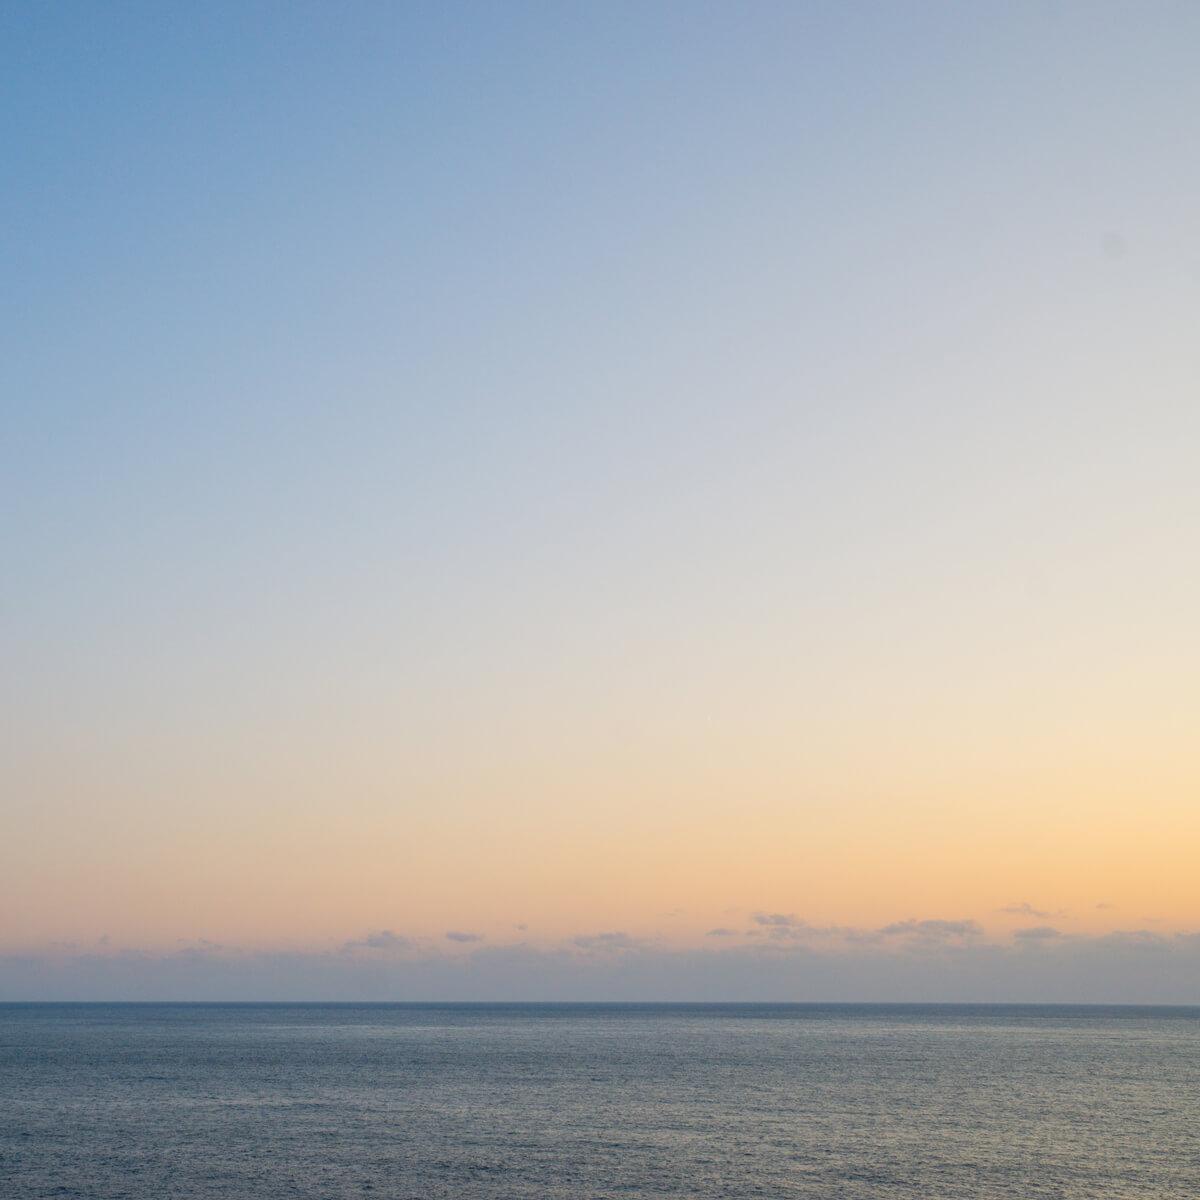 屋久島の海 夕暮れ時 屋久島海とジュエリー オーダーメイドマリッジリングのインスピレーション